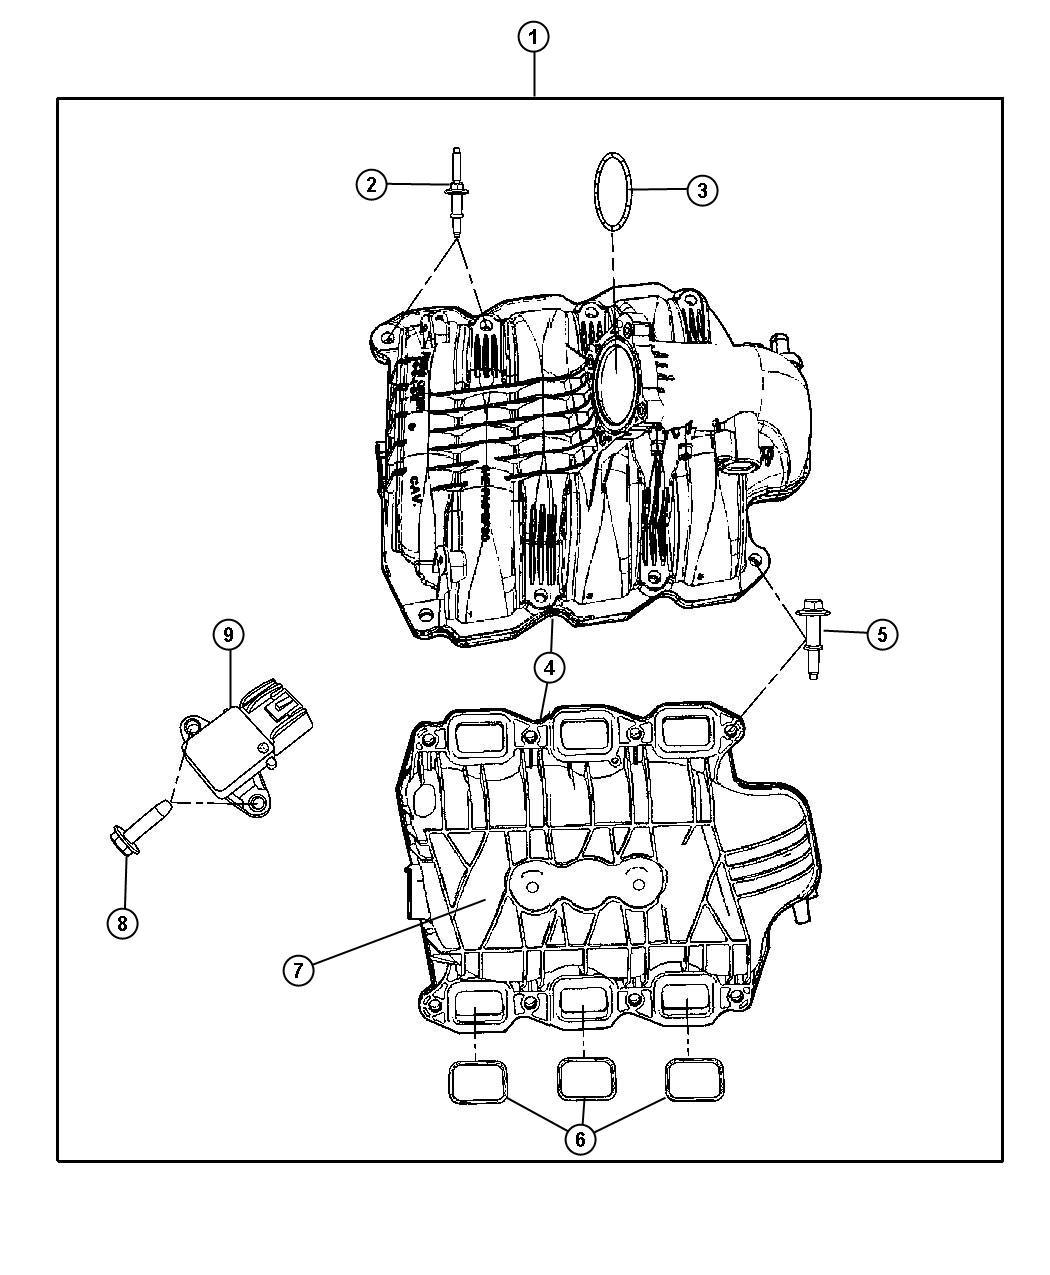 Service manual [2010 Jeep Liberty Intake Manifold Leak